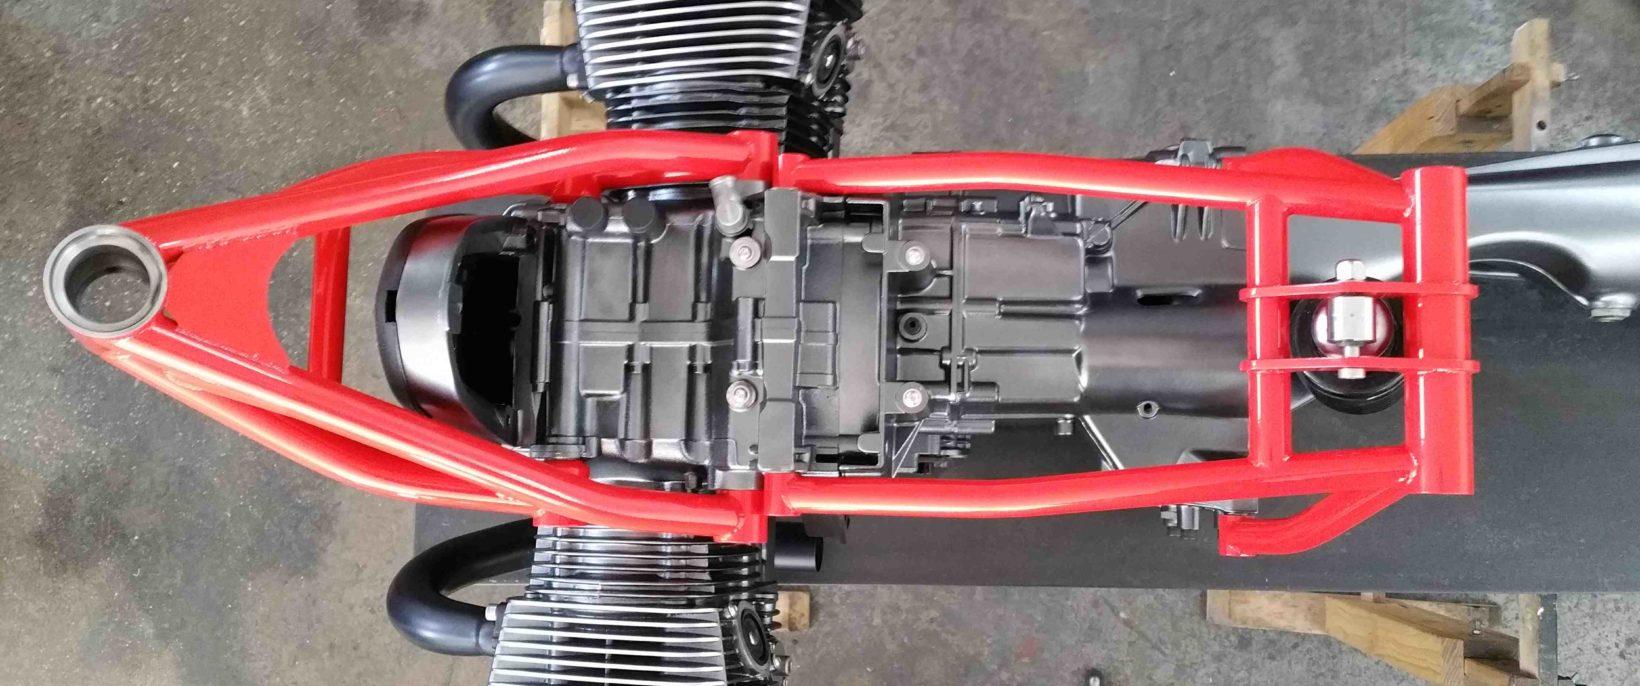 Gitterrohrrahmen R1100 / R1150